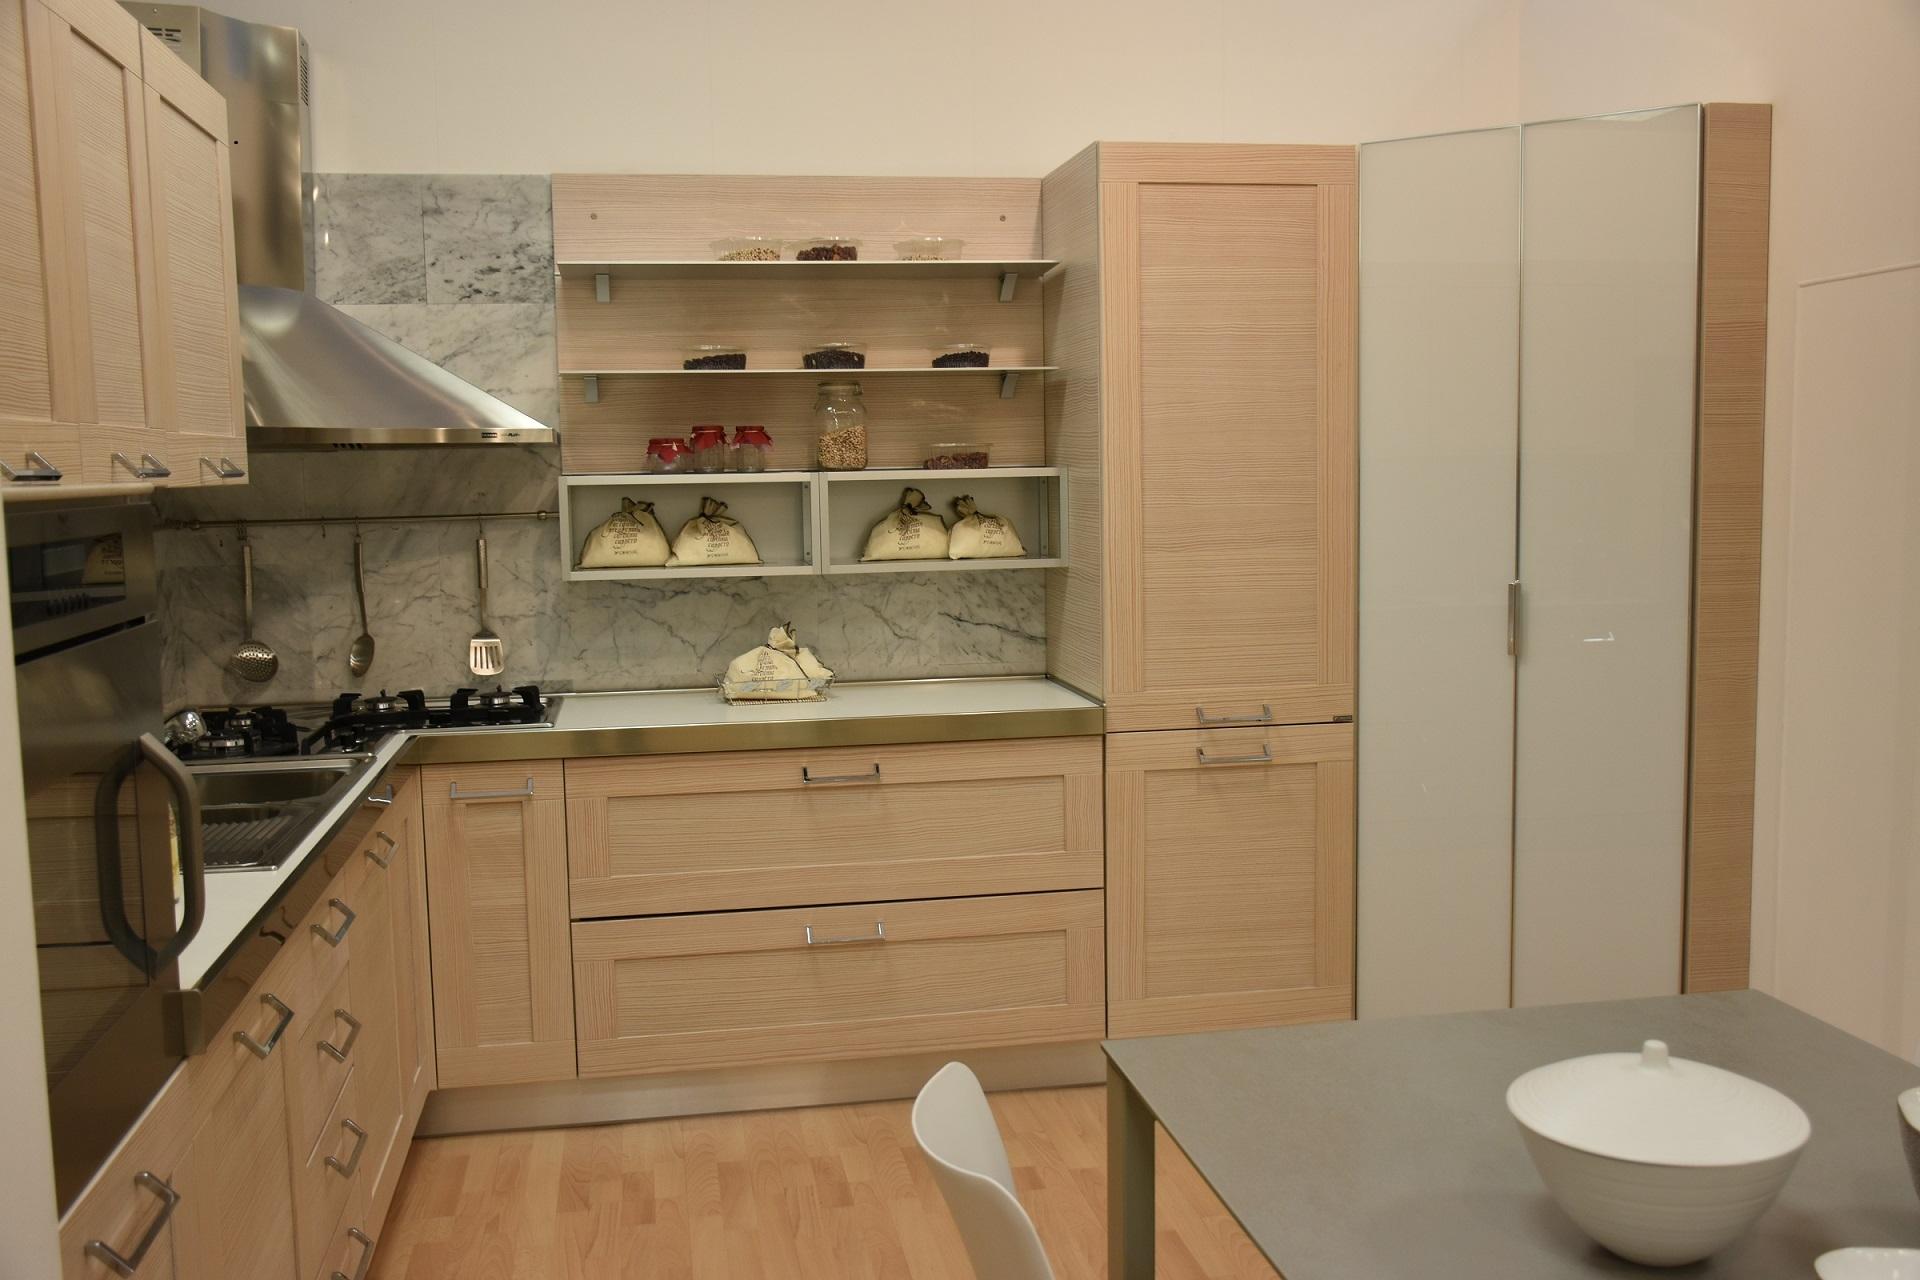 Offerta cucina modello Donna in larice naturale misure 315 x 338.2 ...